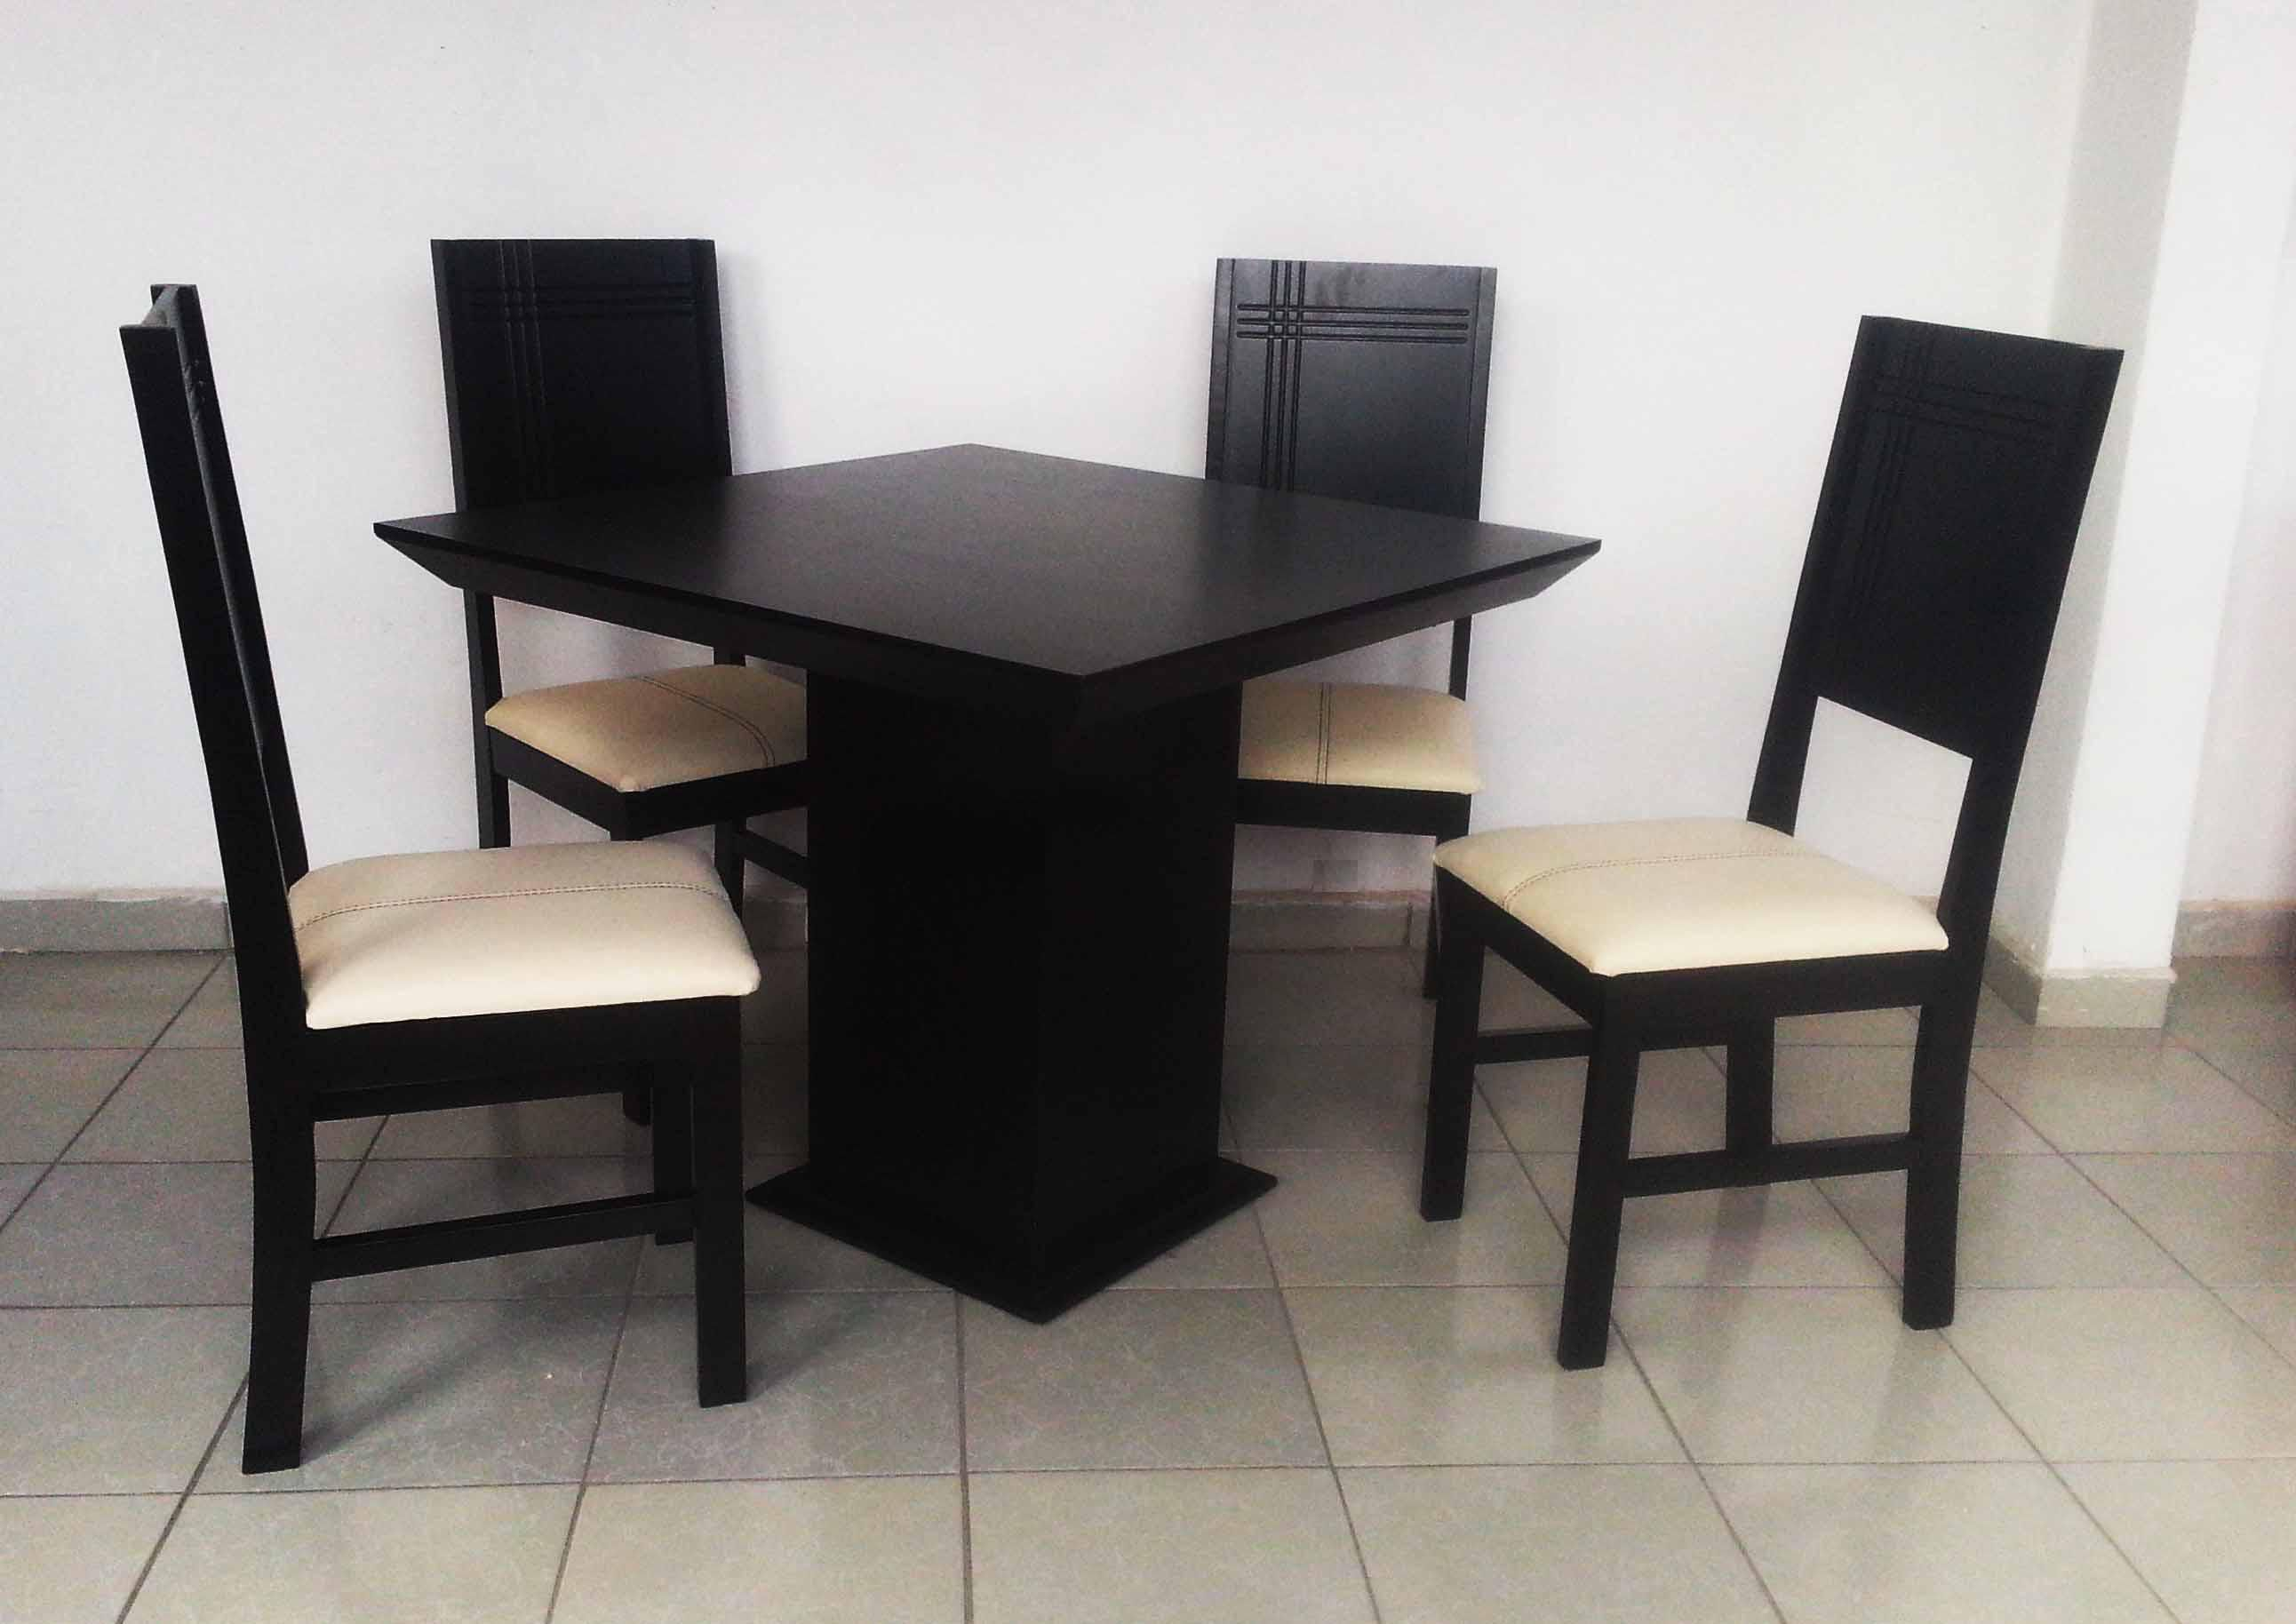 Comedor mesa y 4 sillas chocolate nuevo moderno madera - Comedores decorados modernos ...